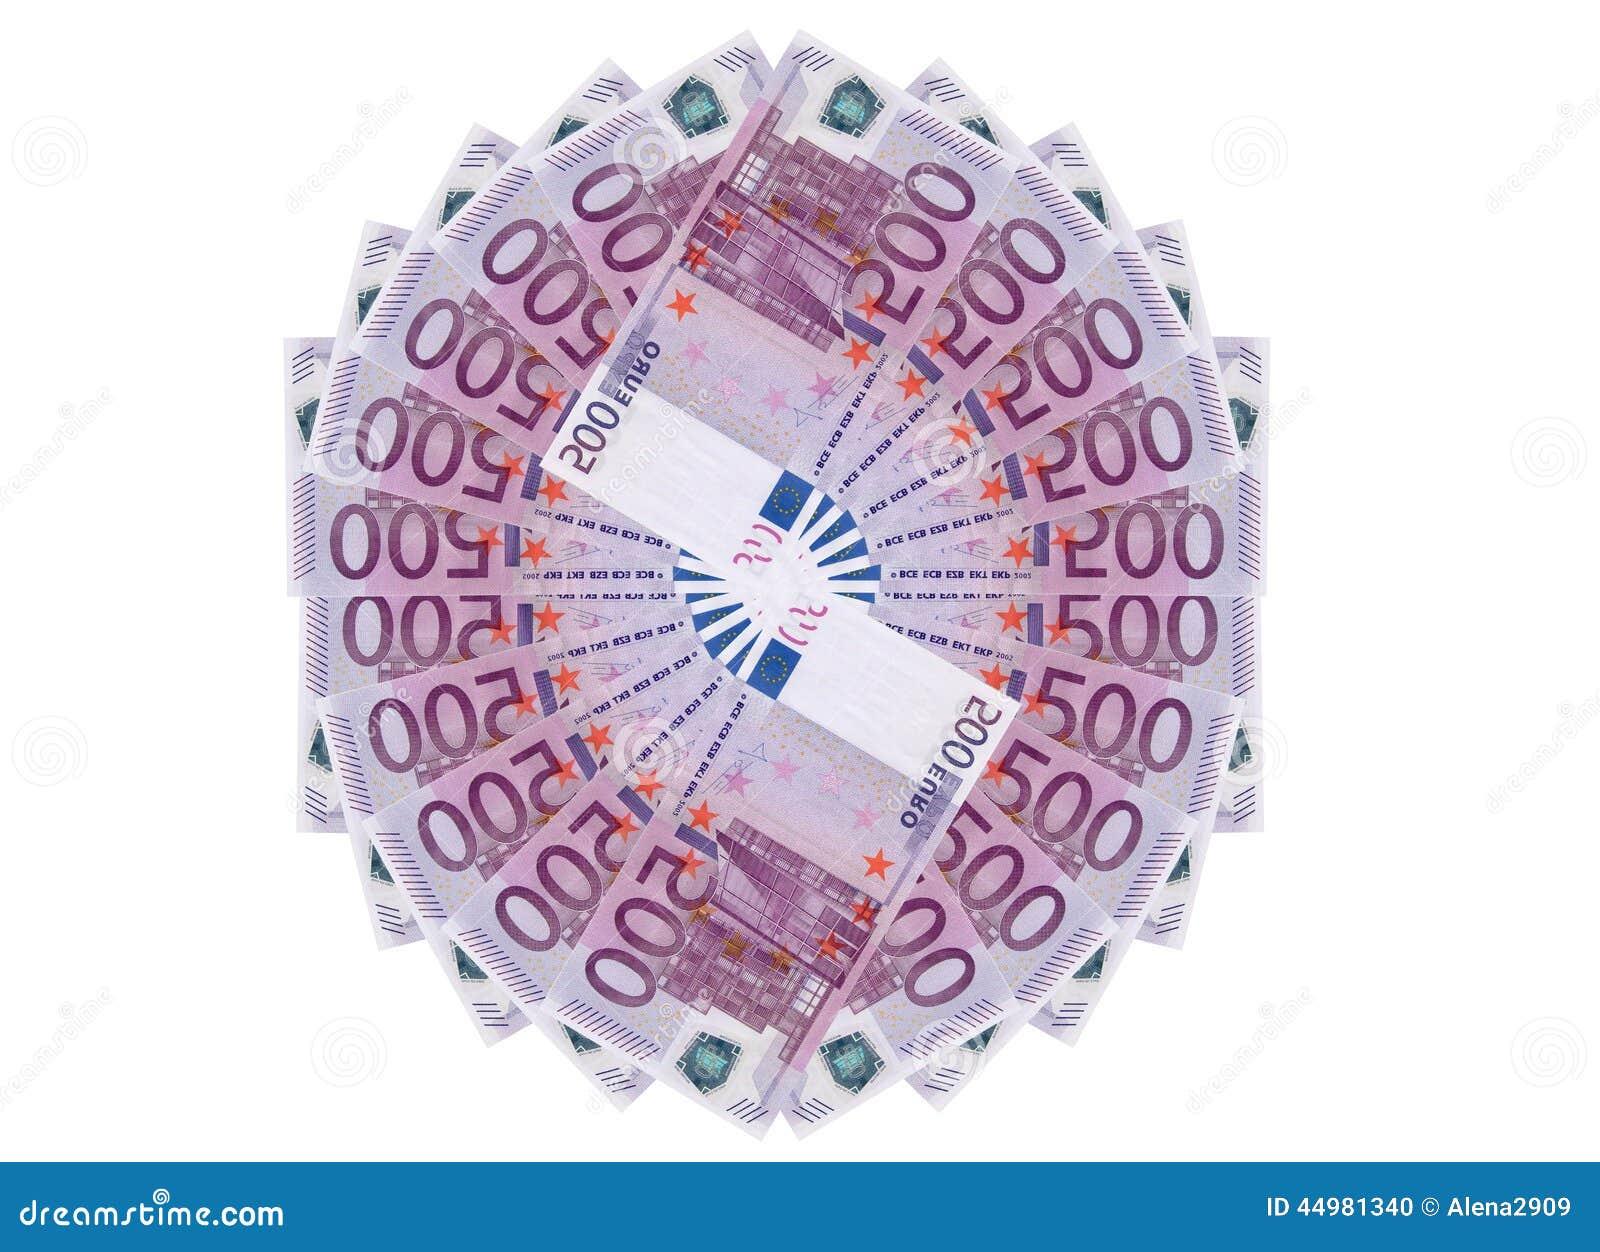 Bank repet för anmärkningen för pengar för fokus hundra för euroeuros fem